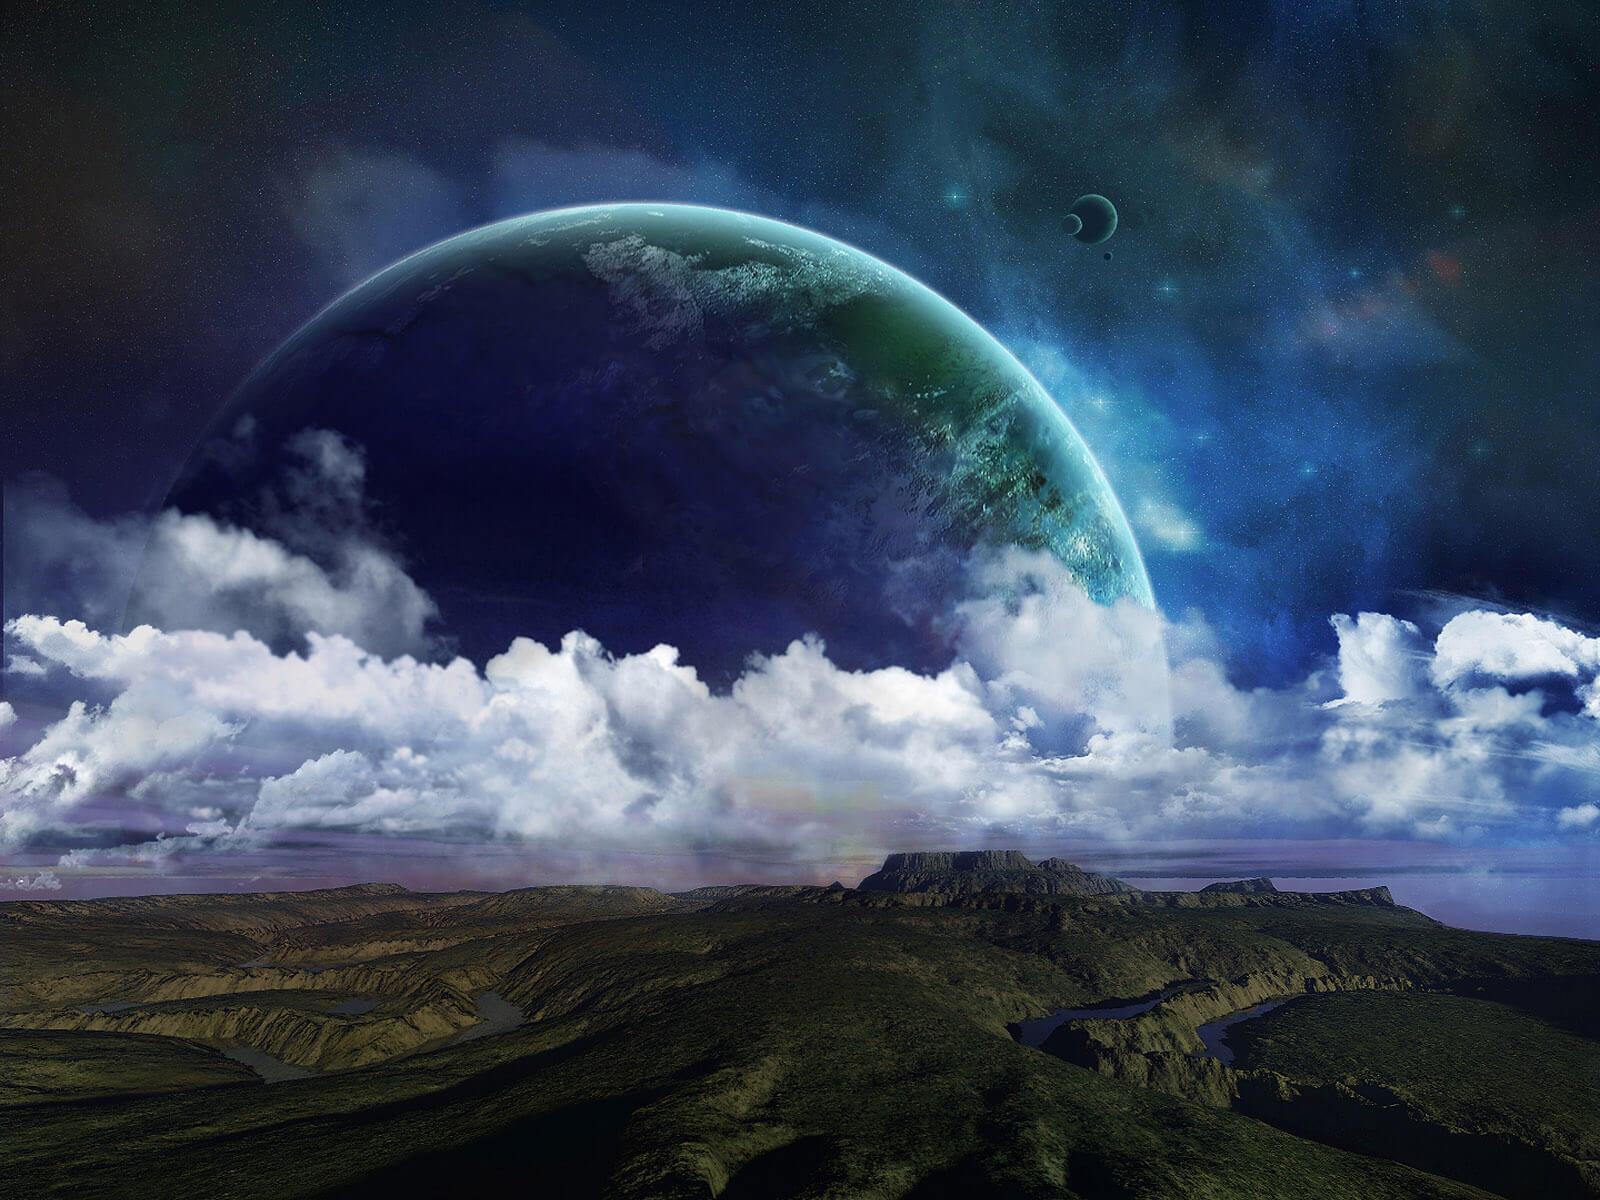 картинки три неба над землей это происходит той